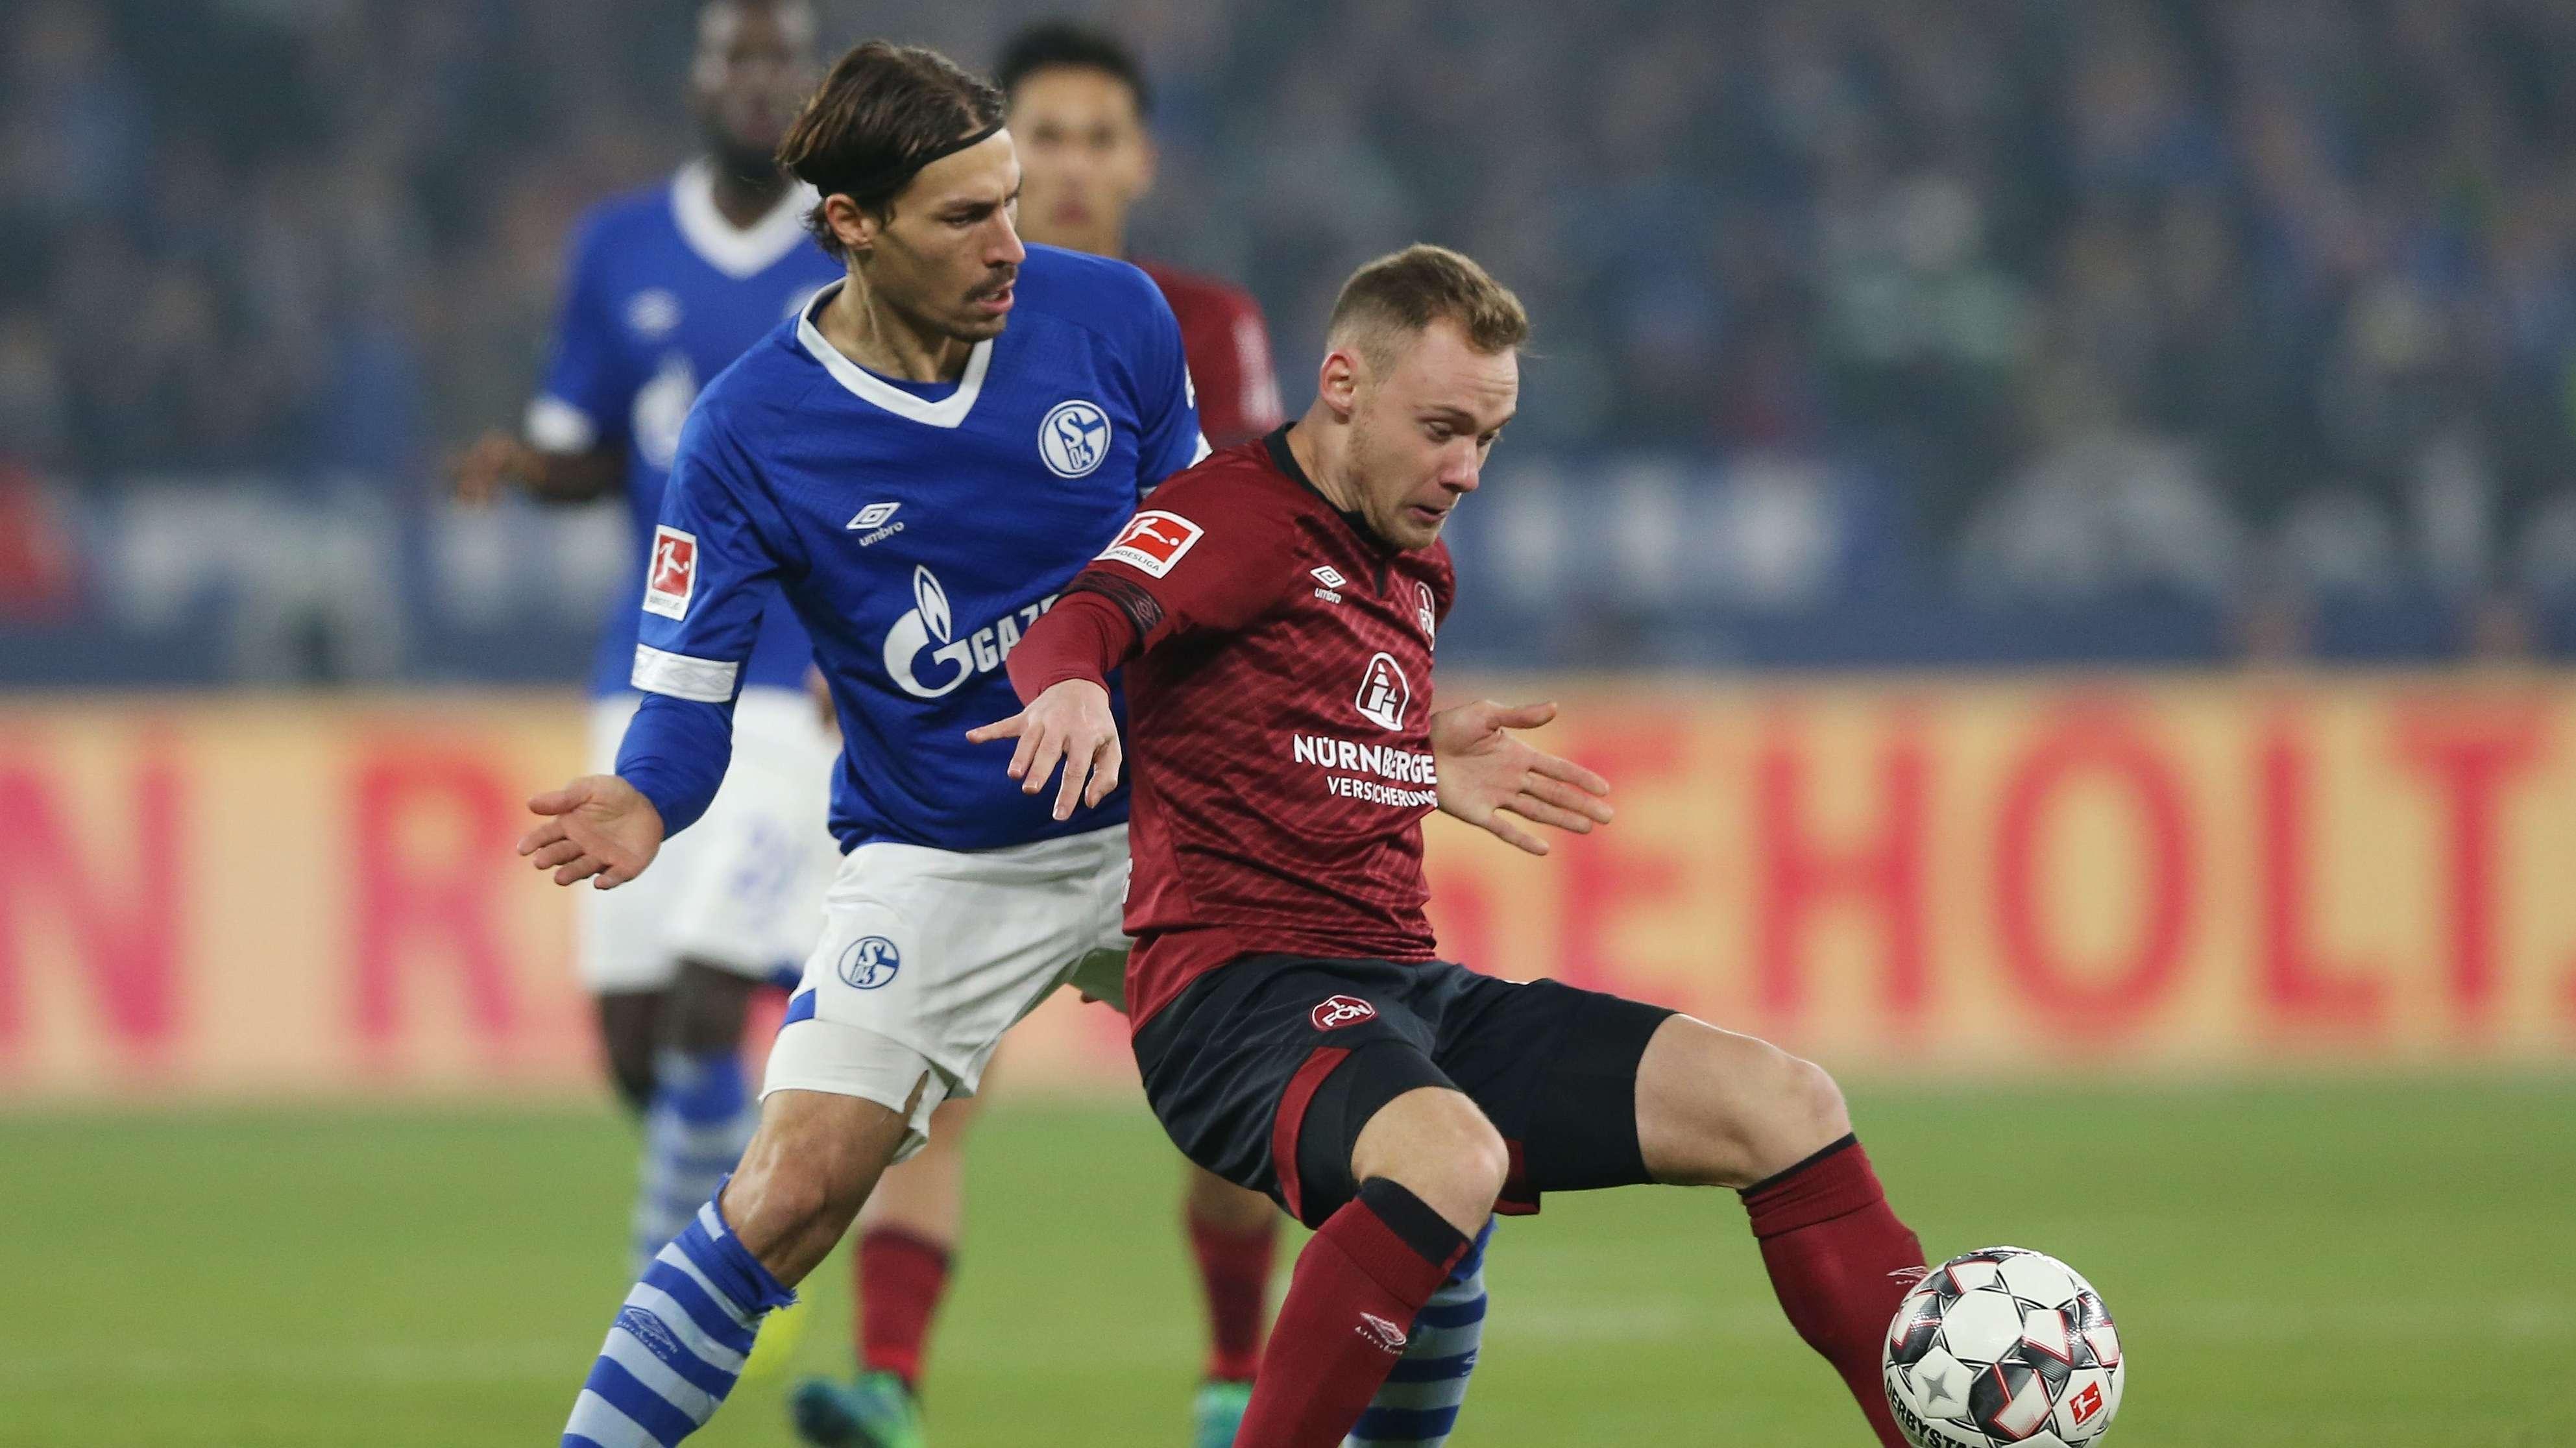 Spielszene FC Schalke 04 - 1. FC Nürnberg